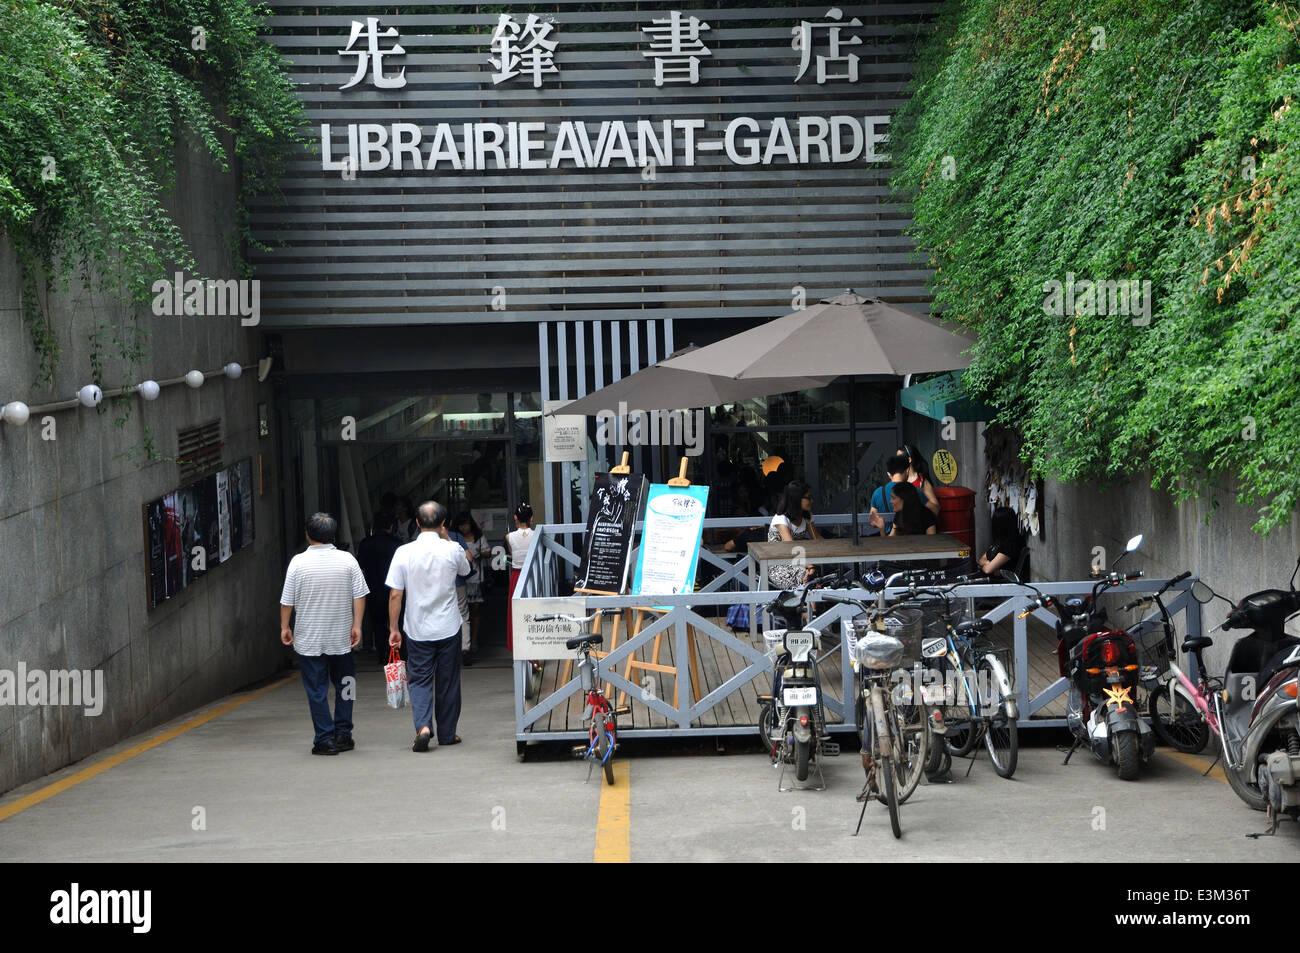 Librairie Avant Garde, Bookshop,  Nanjing, Jiangsu, China. Stock Photo